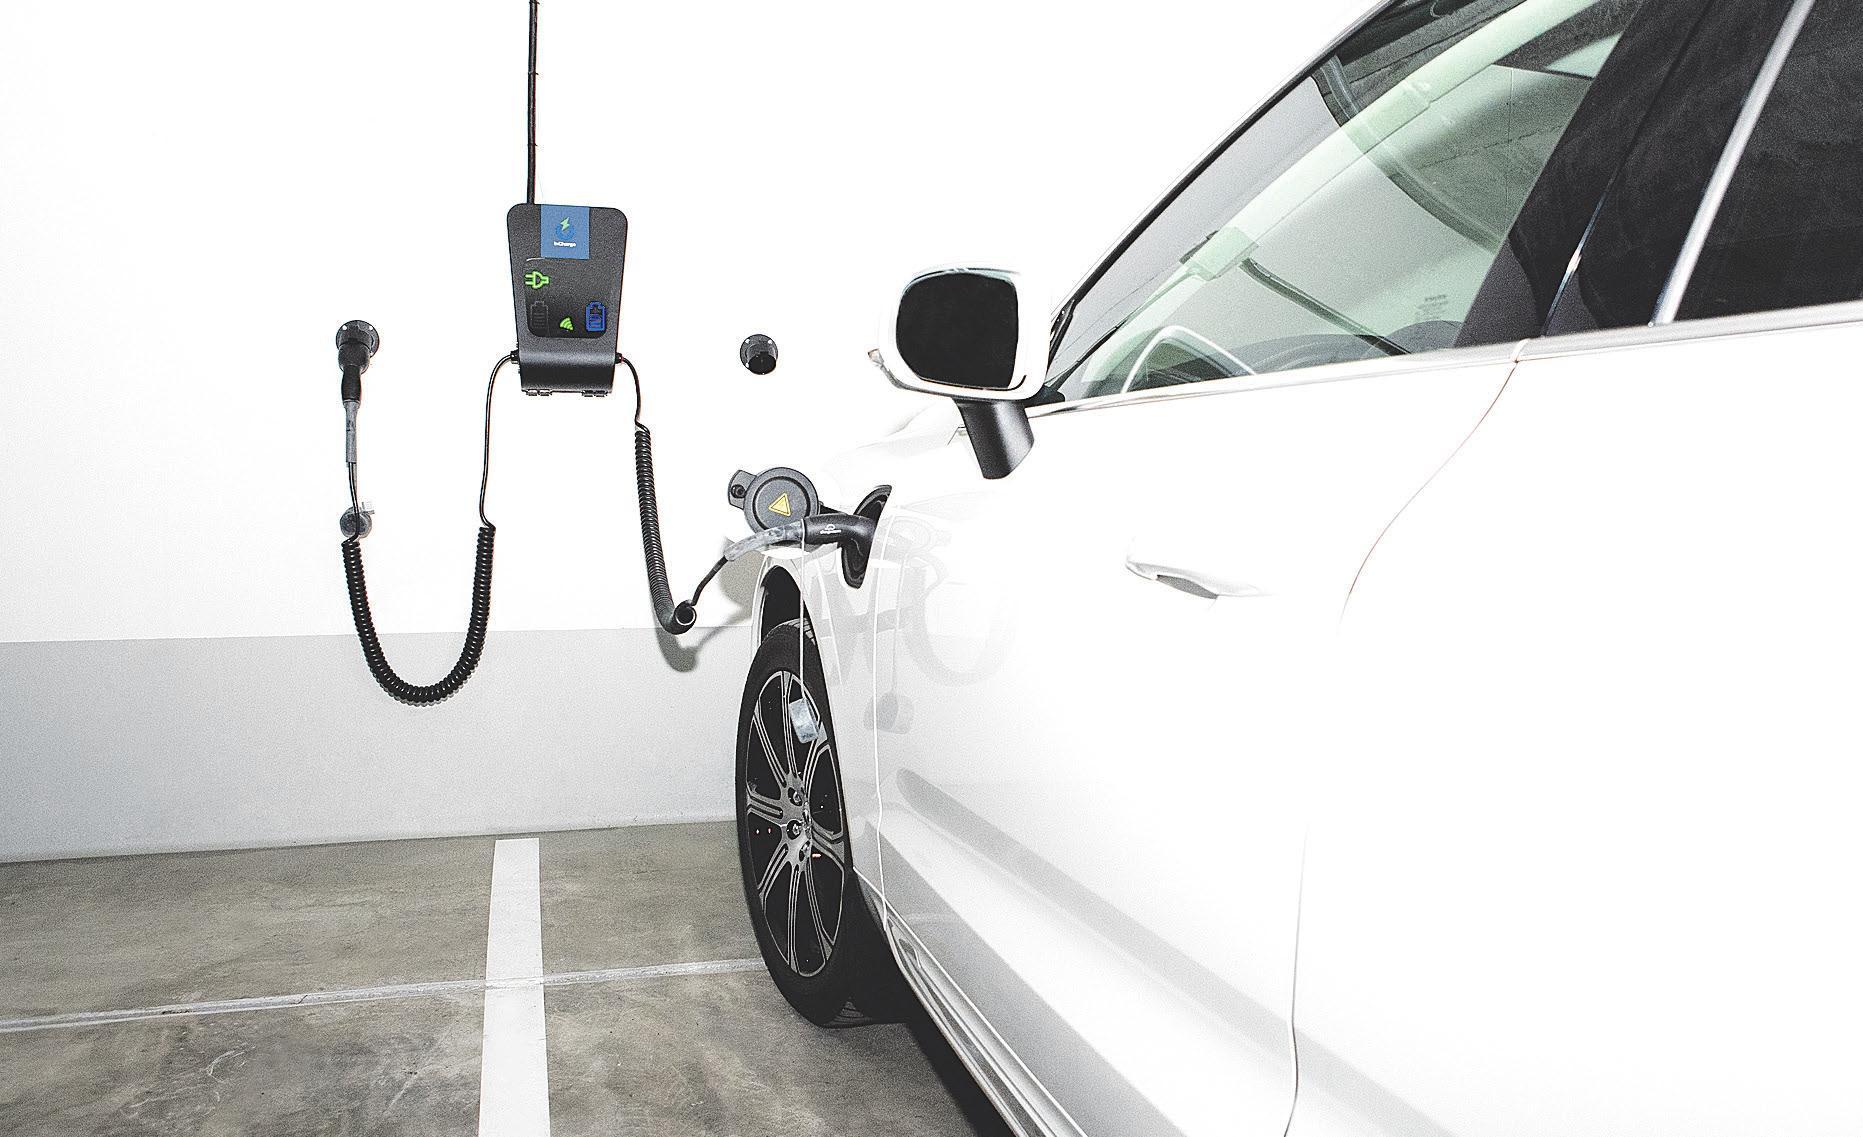 E-Auto beim Laden an einer Wallbox. Hier ist der Strompreis im Gegensatz zu öffentlichen Ladestationen in der Regel günstiger<br>